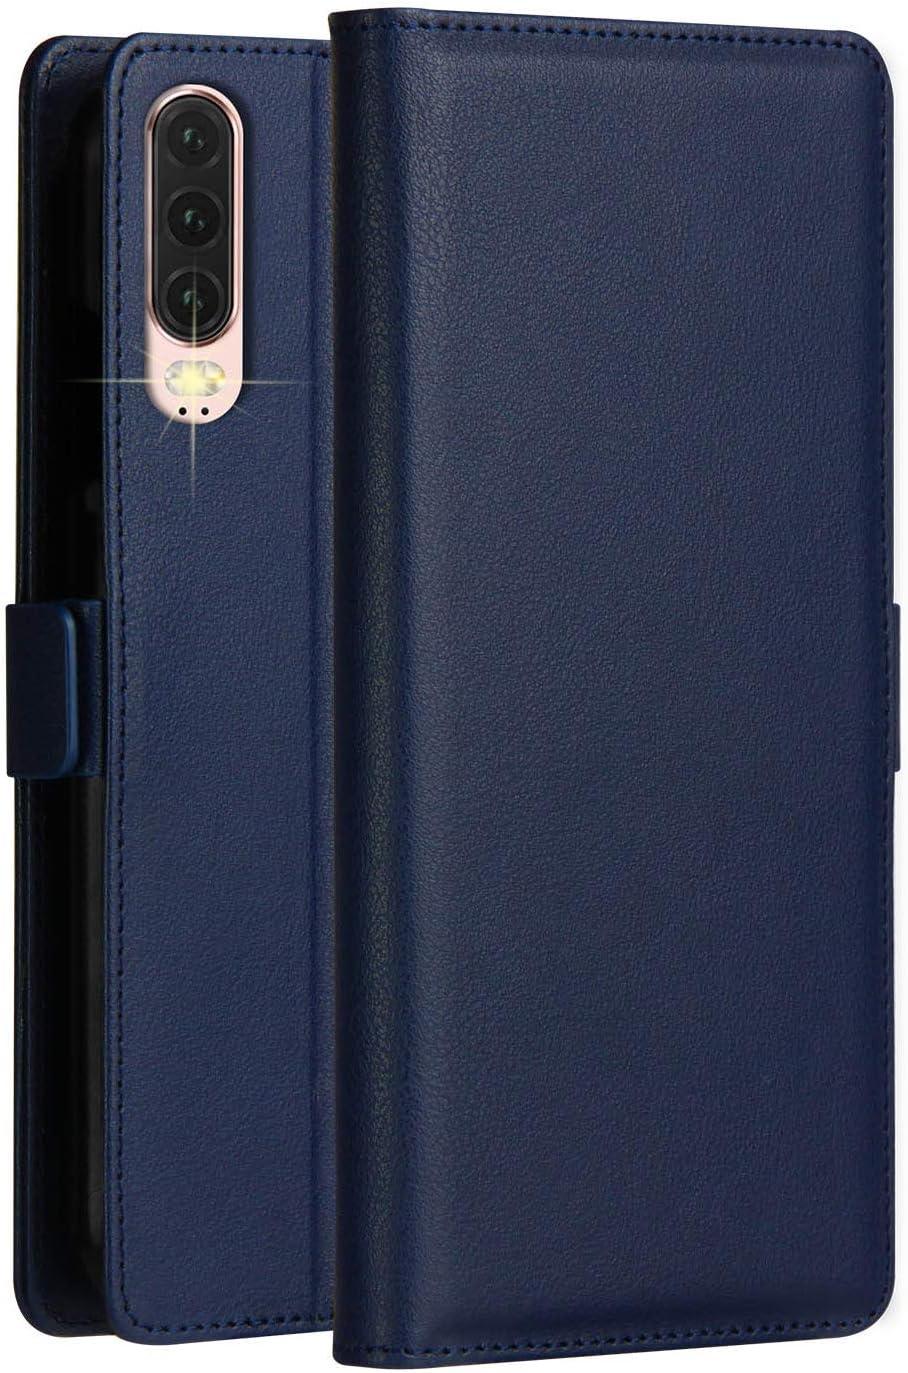 KumWum Huawei P30 Funda Cuero Billetera Piel Flip Soporte Plegable y 3 Tarjetas Ranuras Estuche de Cierre Magnético Completa Protectora Case para Huaweip30 (Azul): Amazon.es: Electrónica